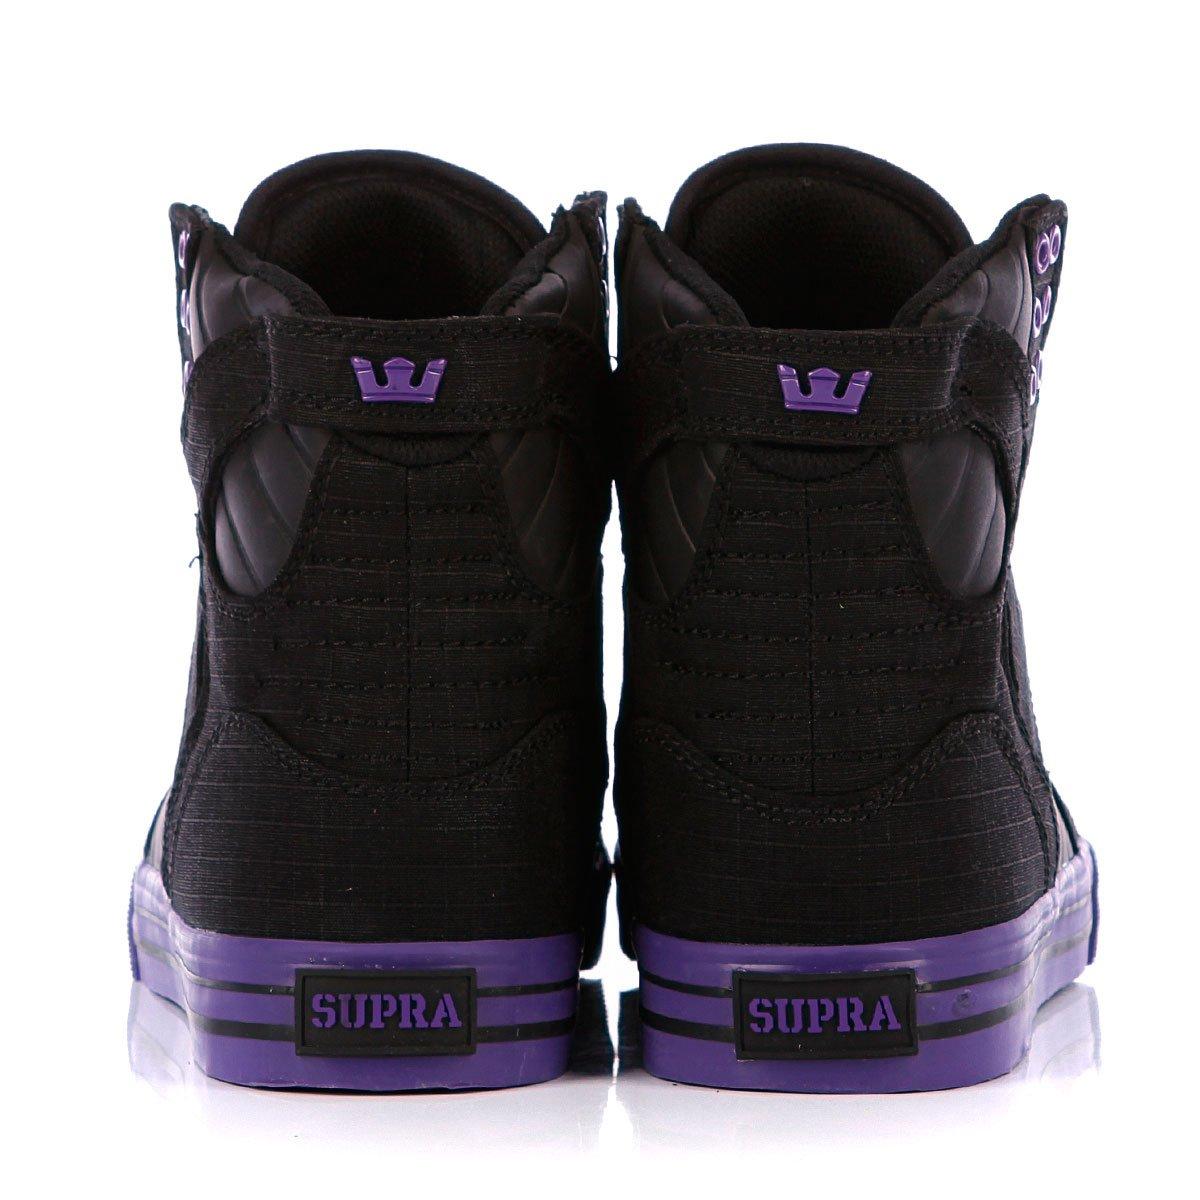 20c0412751c8 Купить кеды высокие Supra Skytop Black Purple Purple в интернет ...